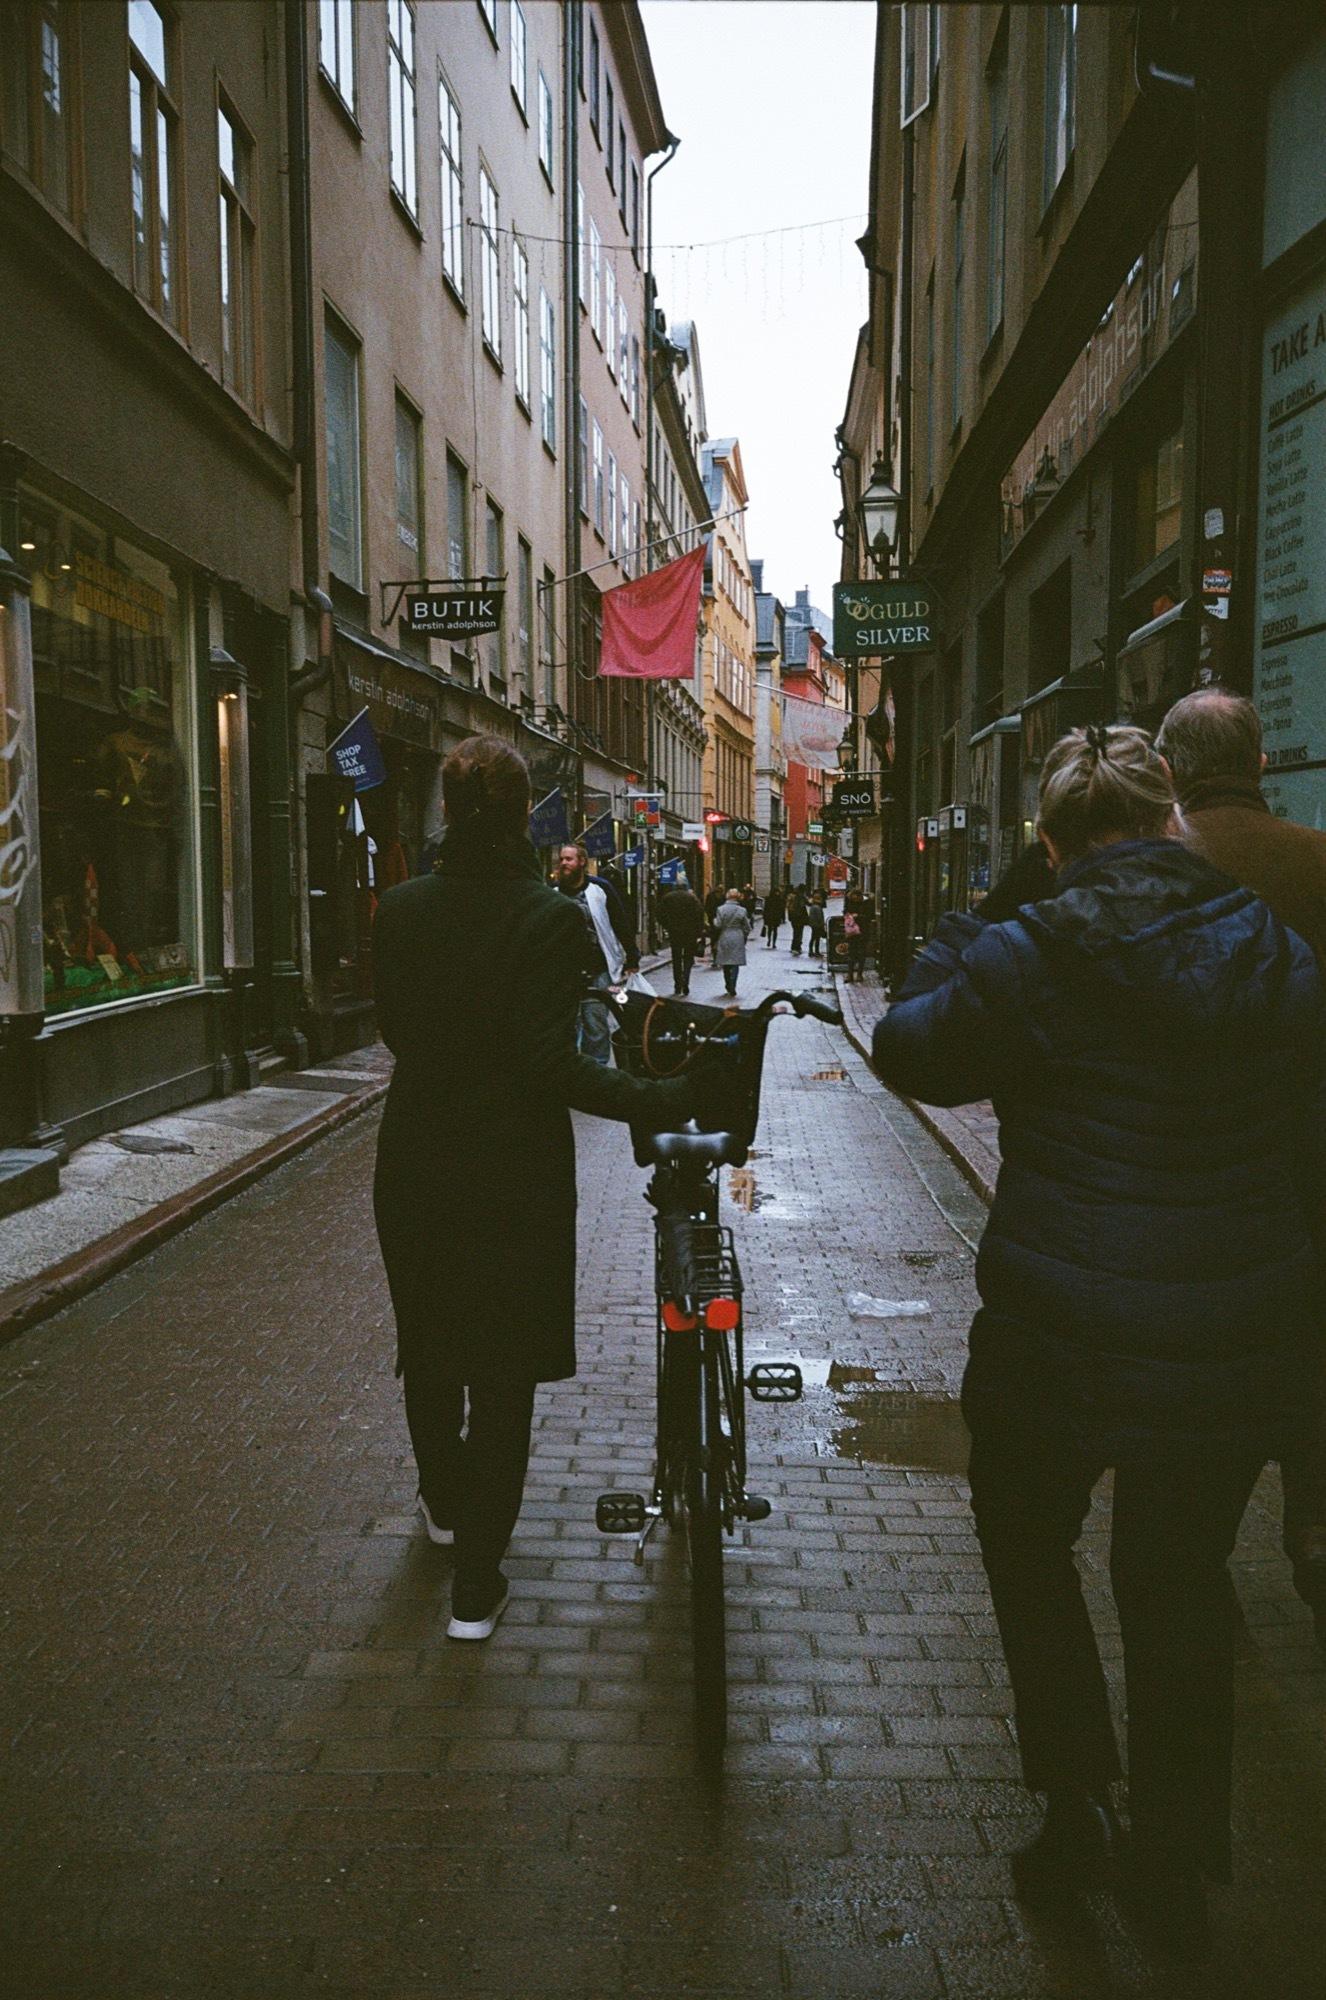 cameraville_leica_mda_stockholm_avenon_28mm_kodak_gold_400_20.jpg